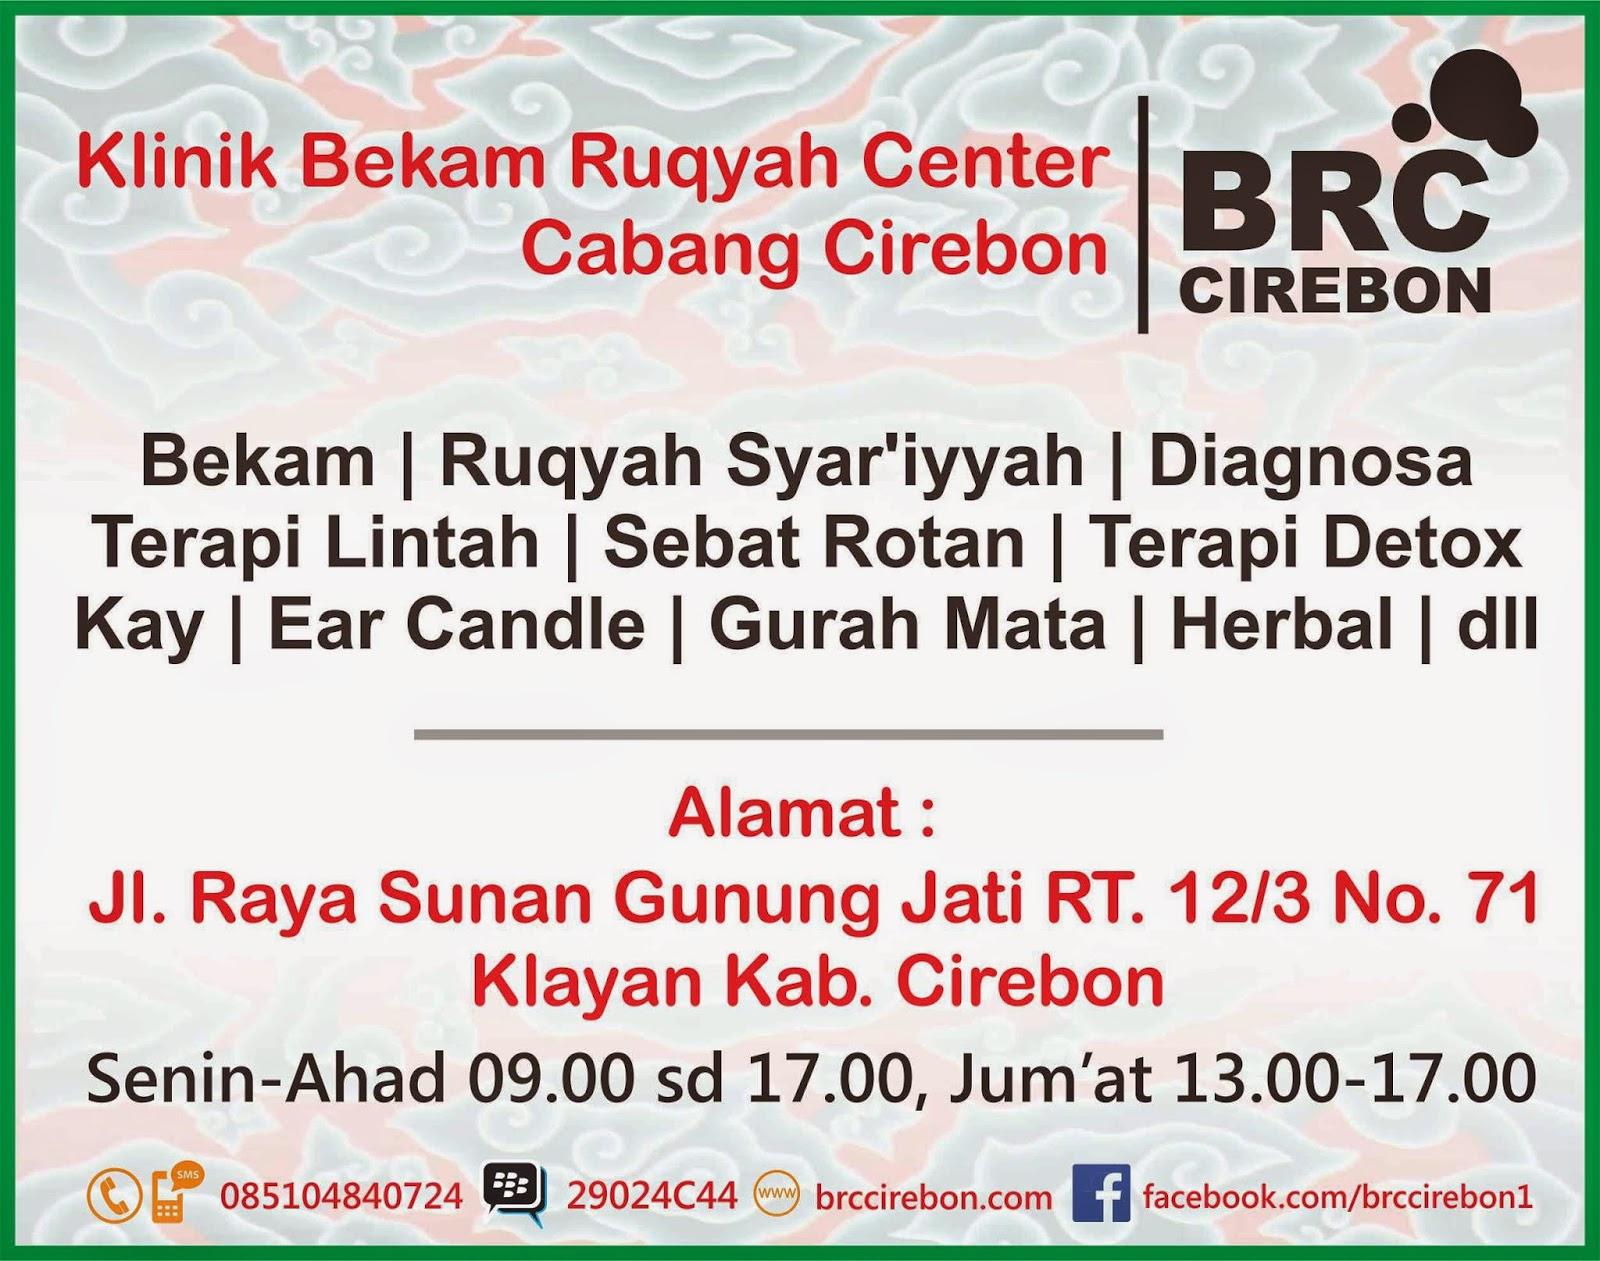 Nomor handphone pin bbm alamat Bekam ruqyah center Cirebon daerah ciayumajakuning